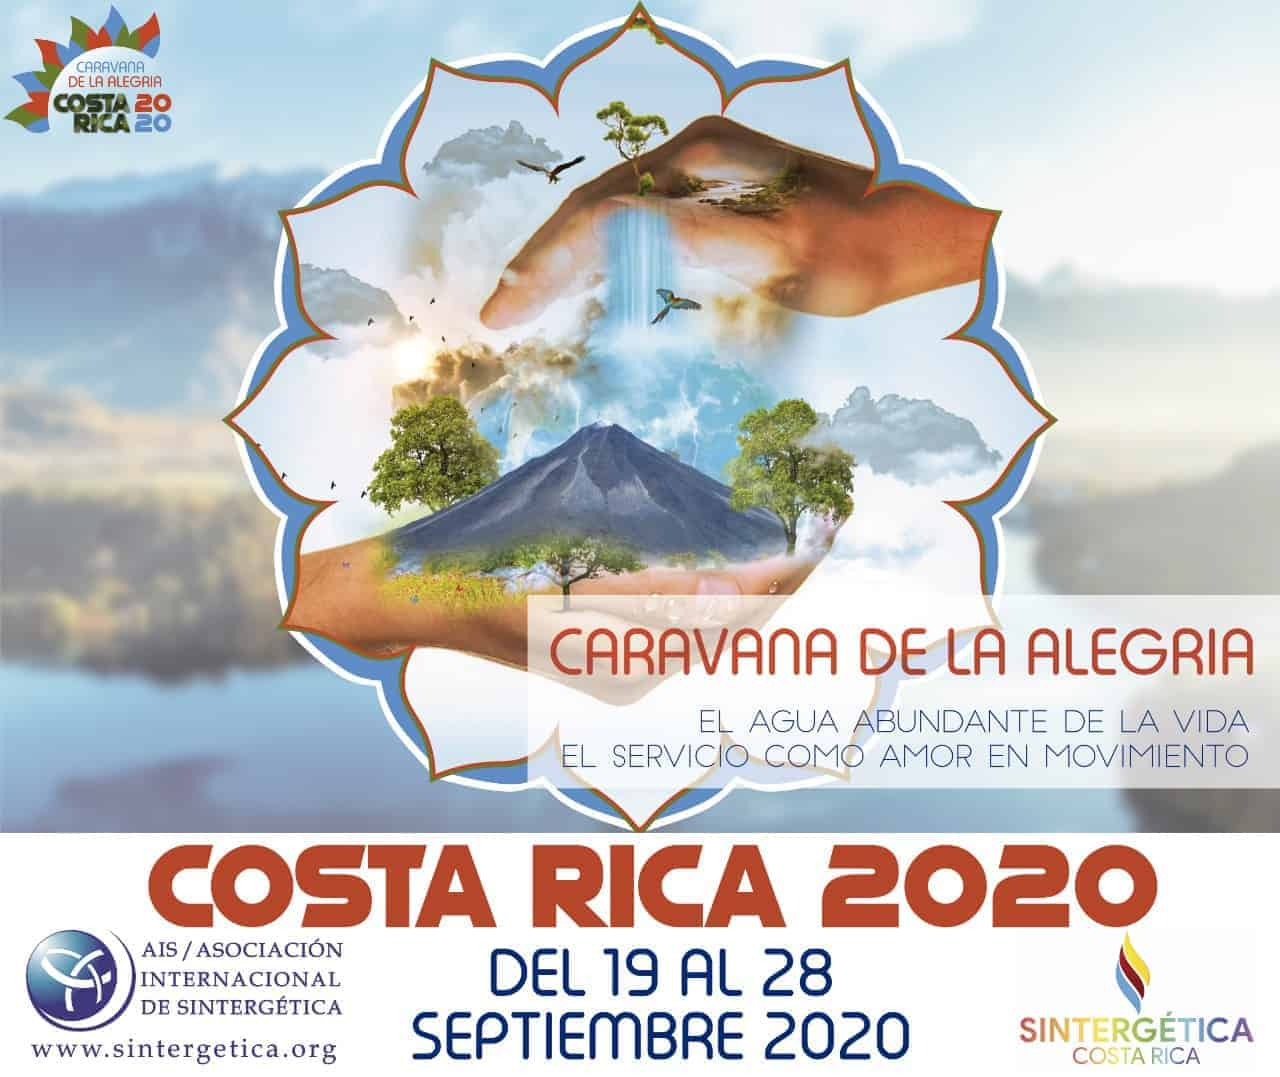 CARAVANA DE LA ALEGRIA COSTA RICA 2020   El Agua abundante de la Vida. El Servicio como Amor en Movimiento